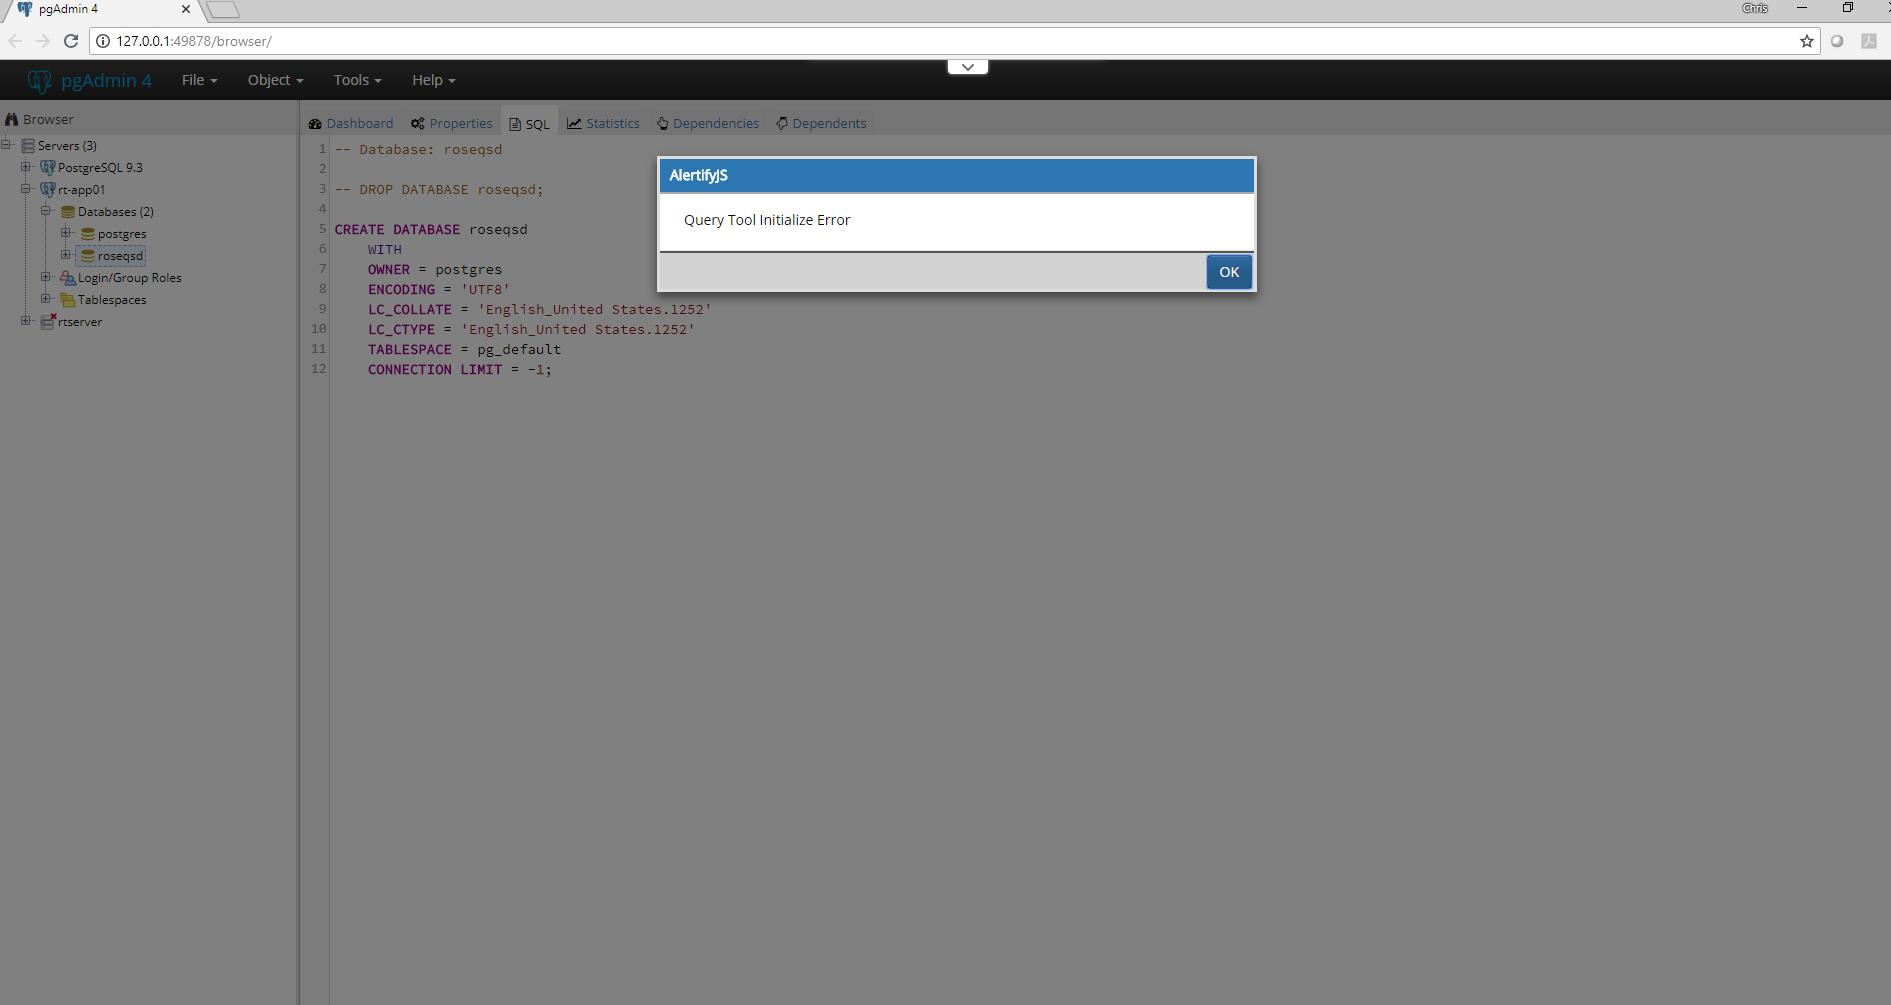 PostgreSQL: Query Tool Initialize Error